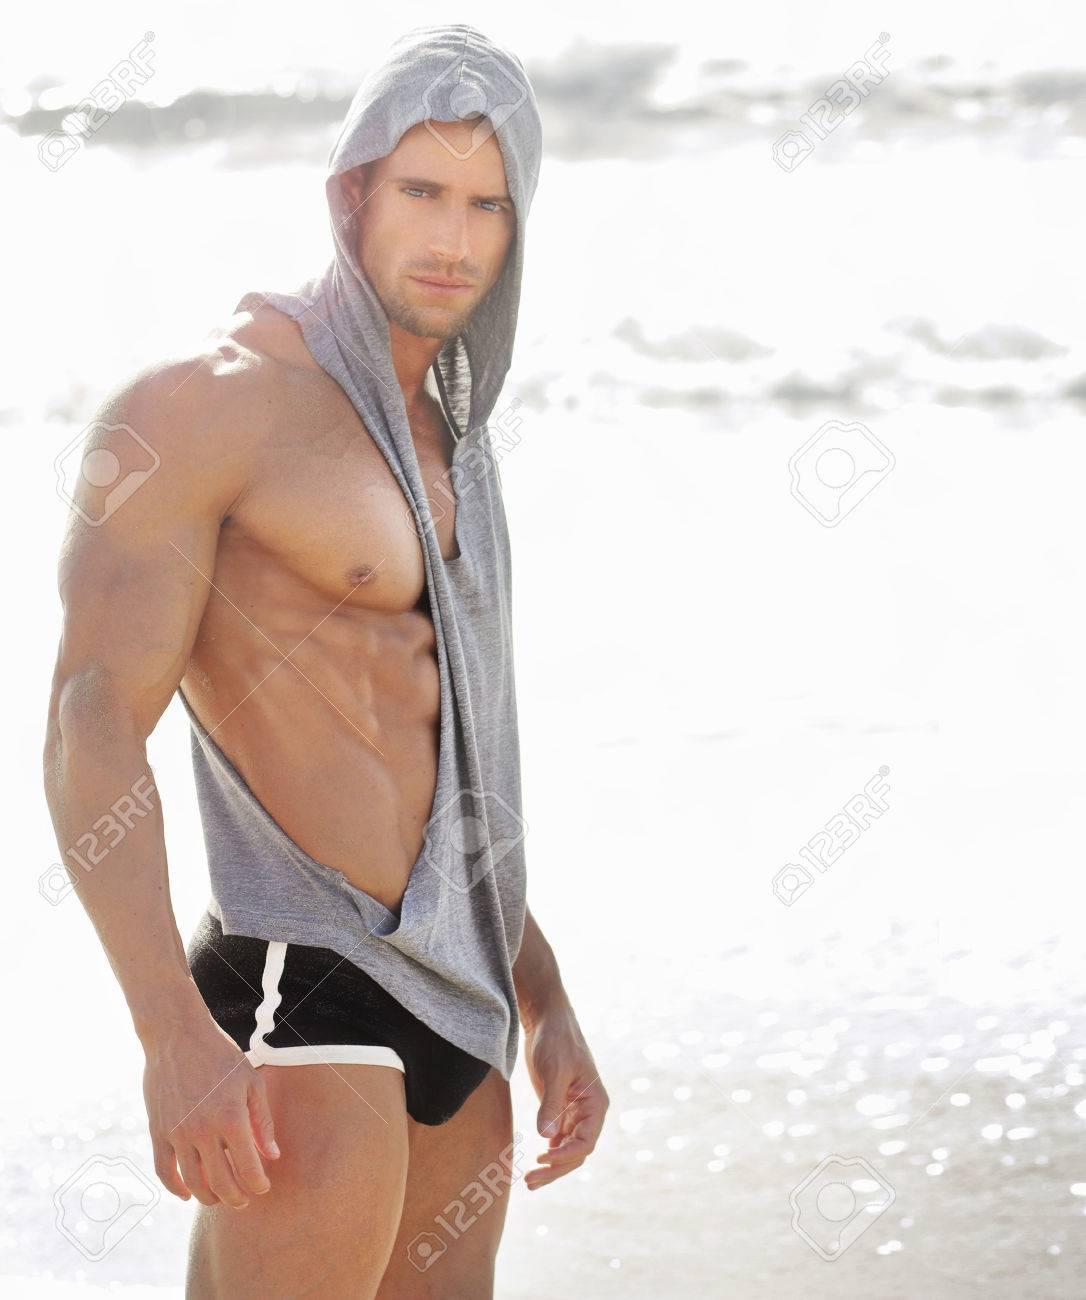 Portrait d'un bel homme musclé à la plage Banque d'images - 26194471